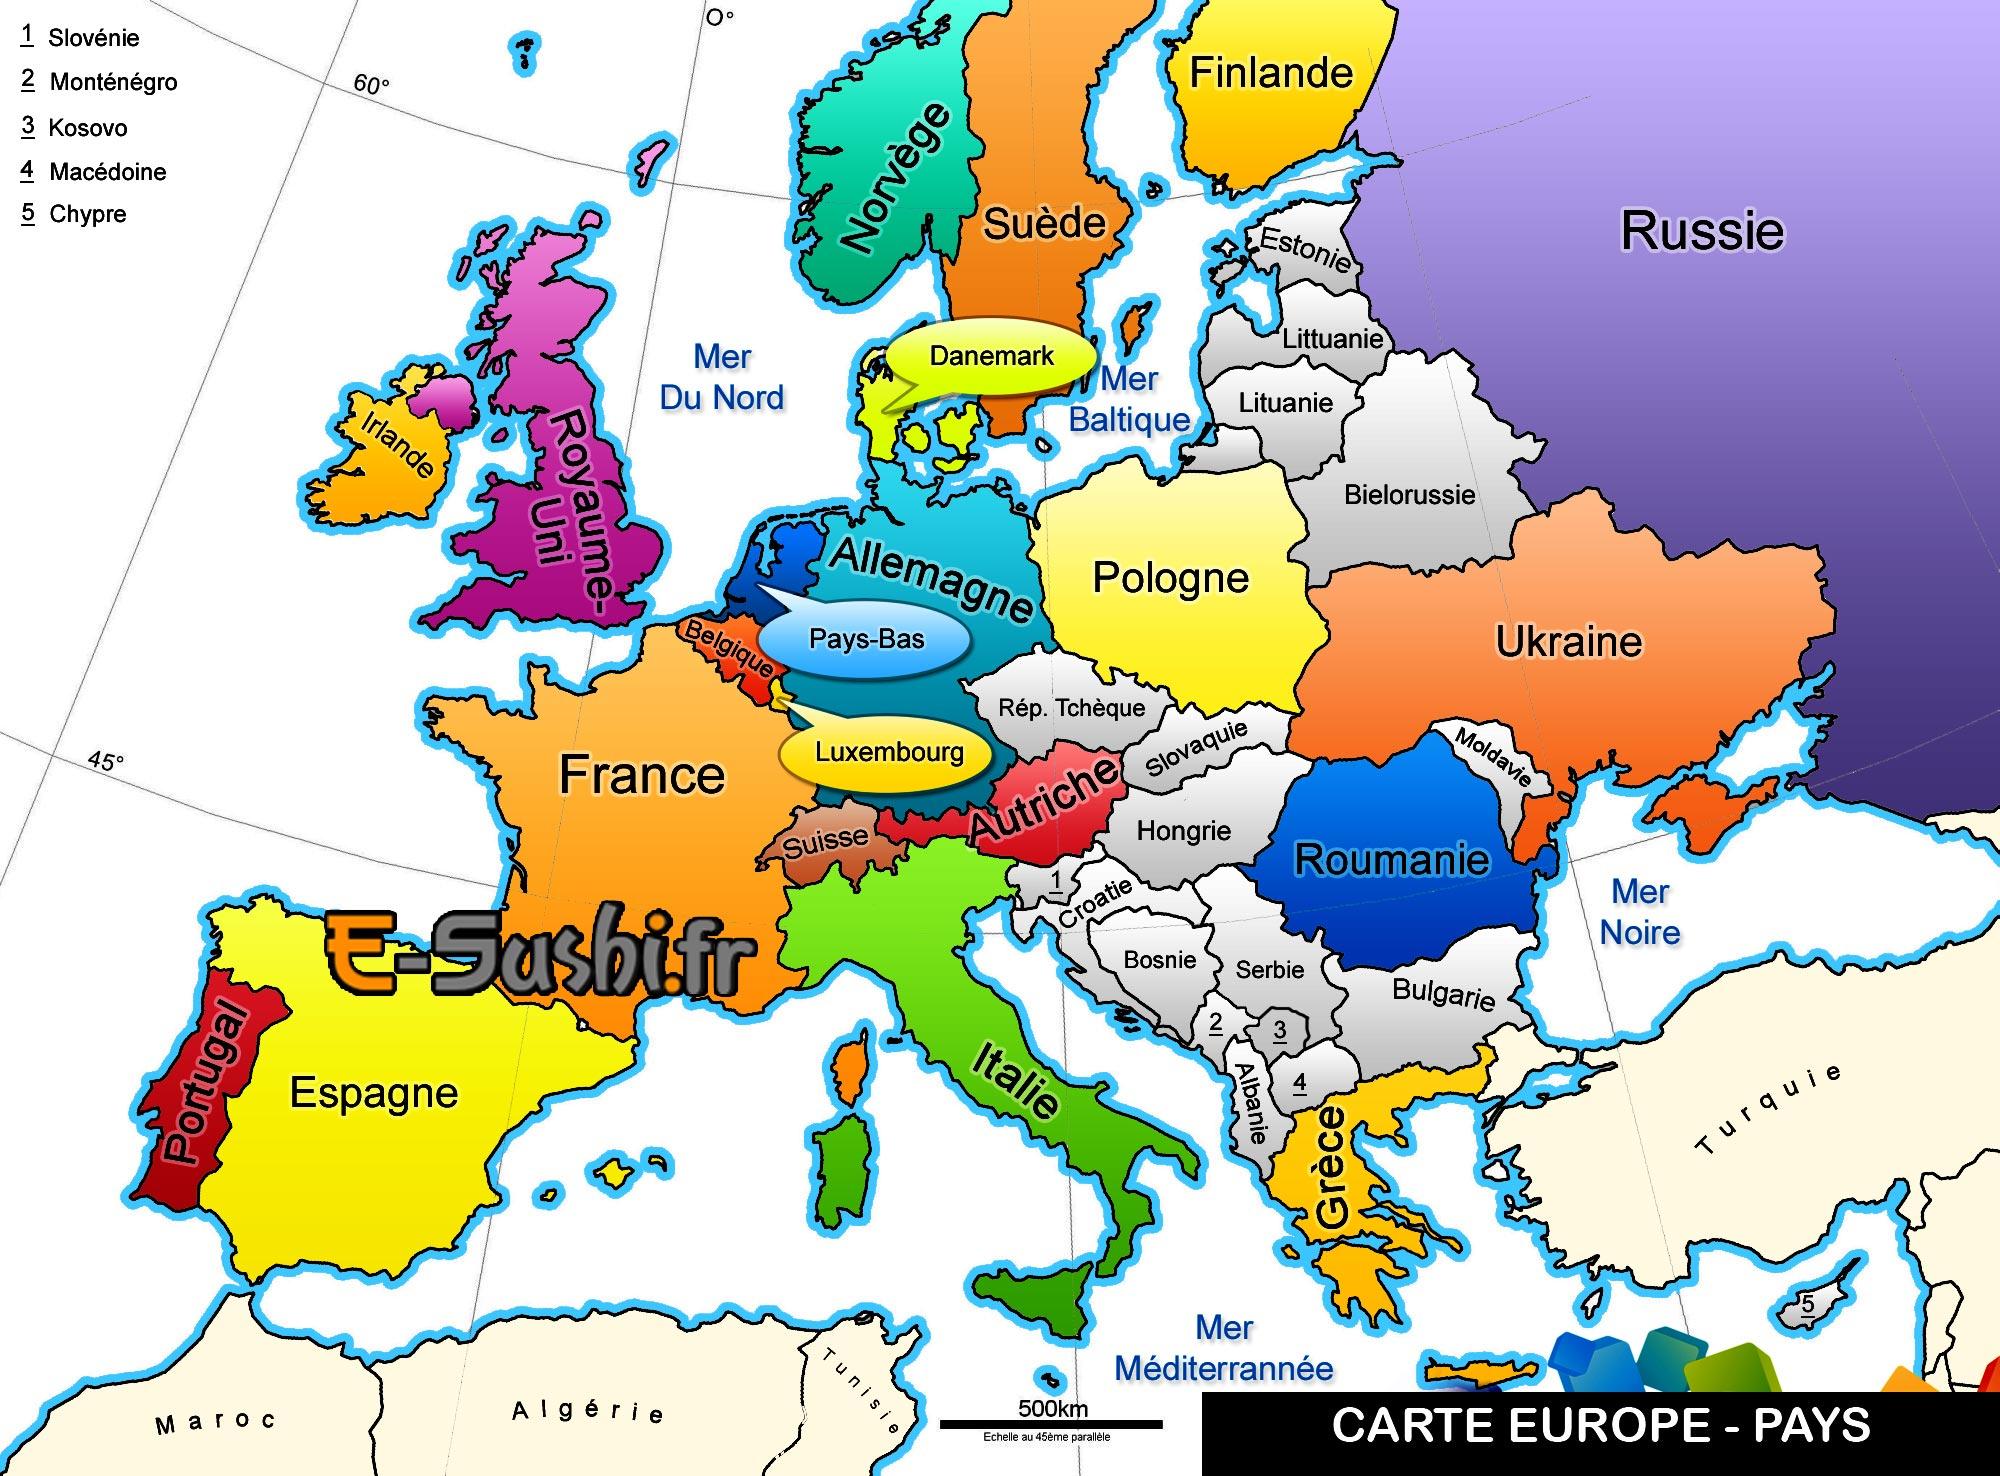 Carte Europe - Géographie Des Pays - Arts Et Voyages destiné Carte Europe Pays Capitales